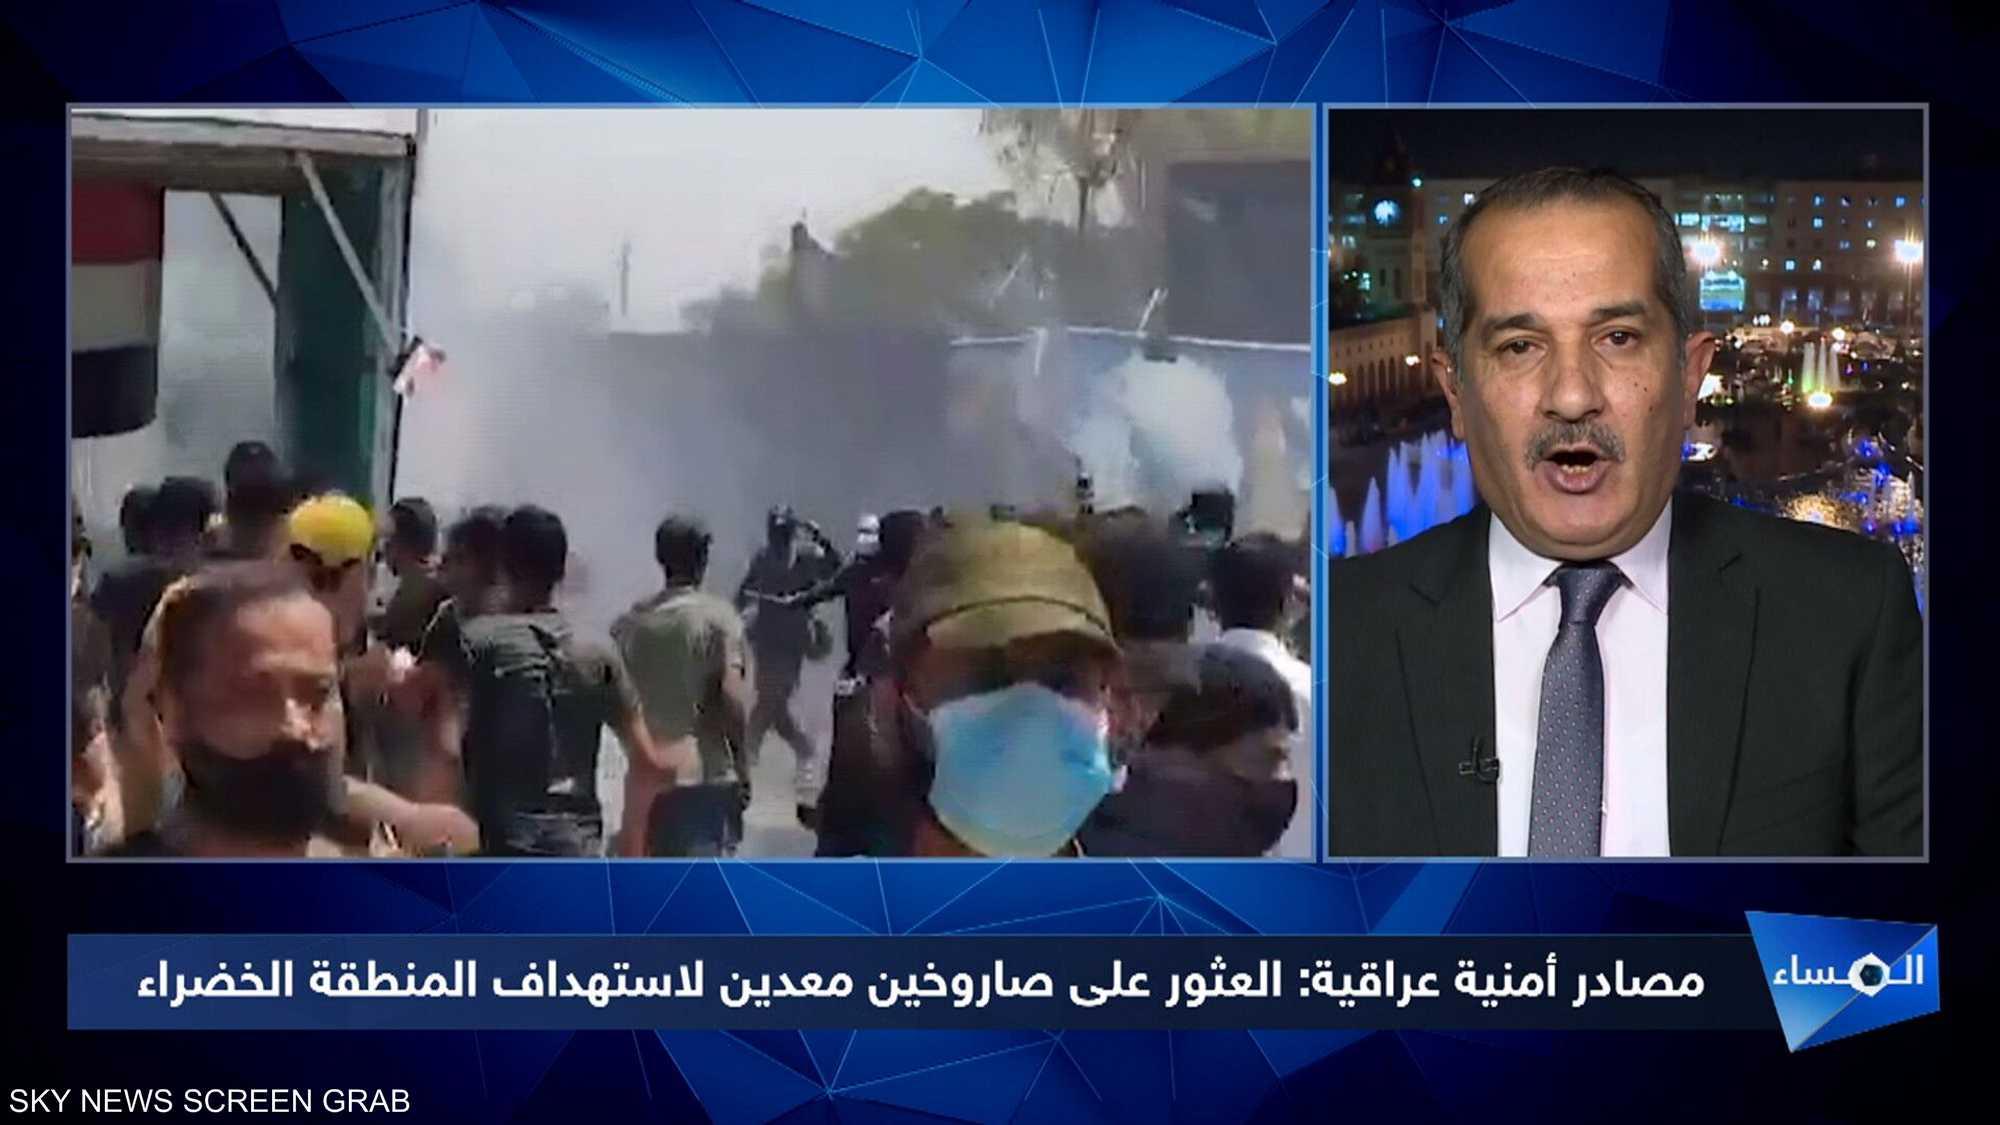 أنصار الفصائل المسلحة يحاولون اقتحام المنطقة الخضراء بيغداد